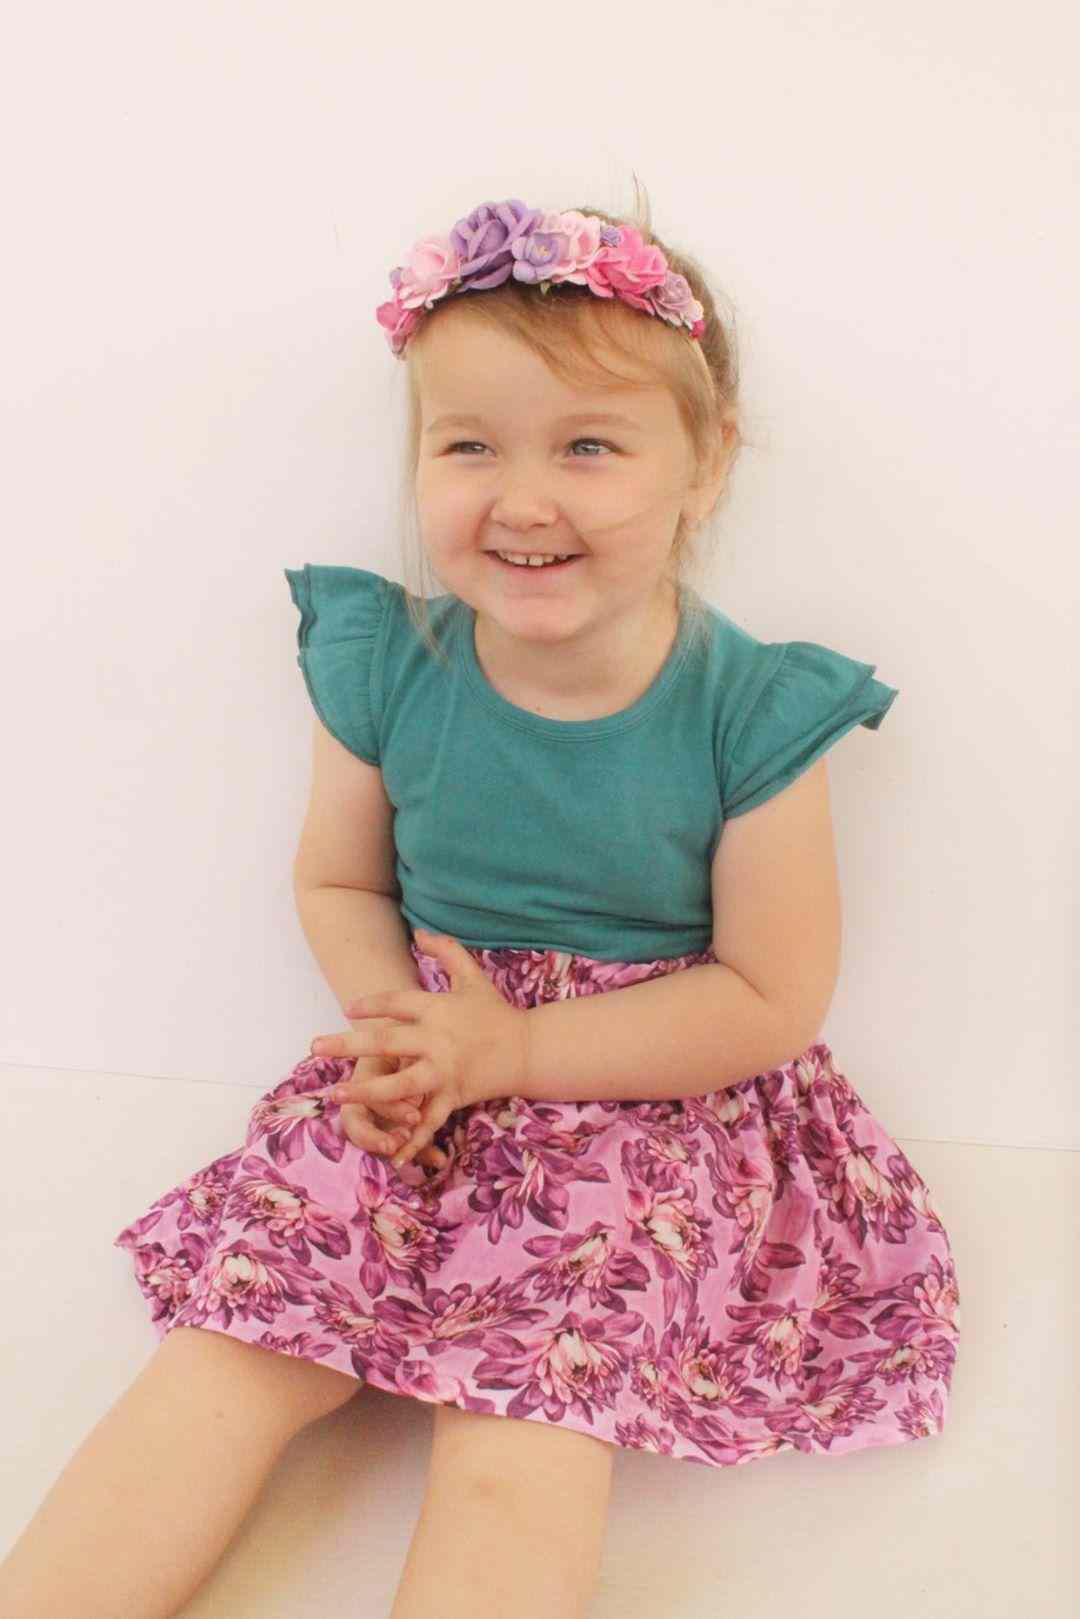 Cute girl wearing sleeveless flutter